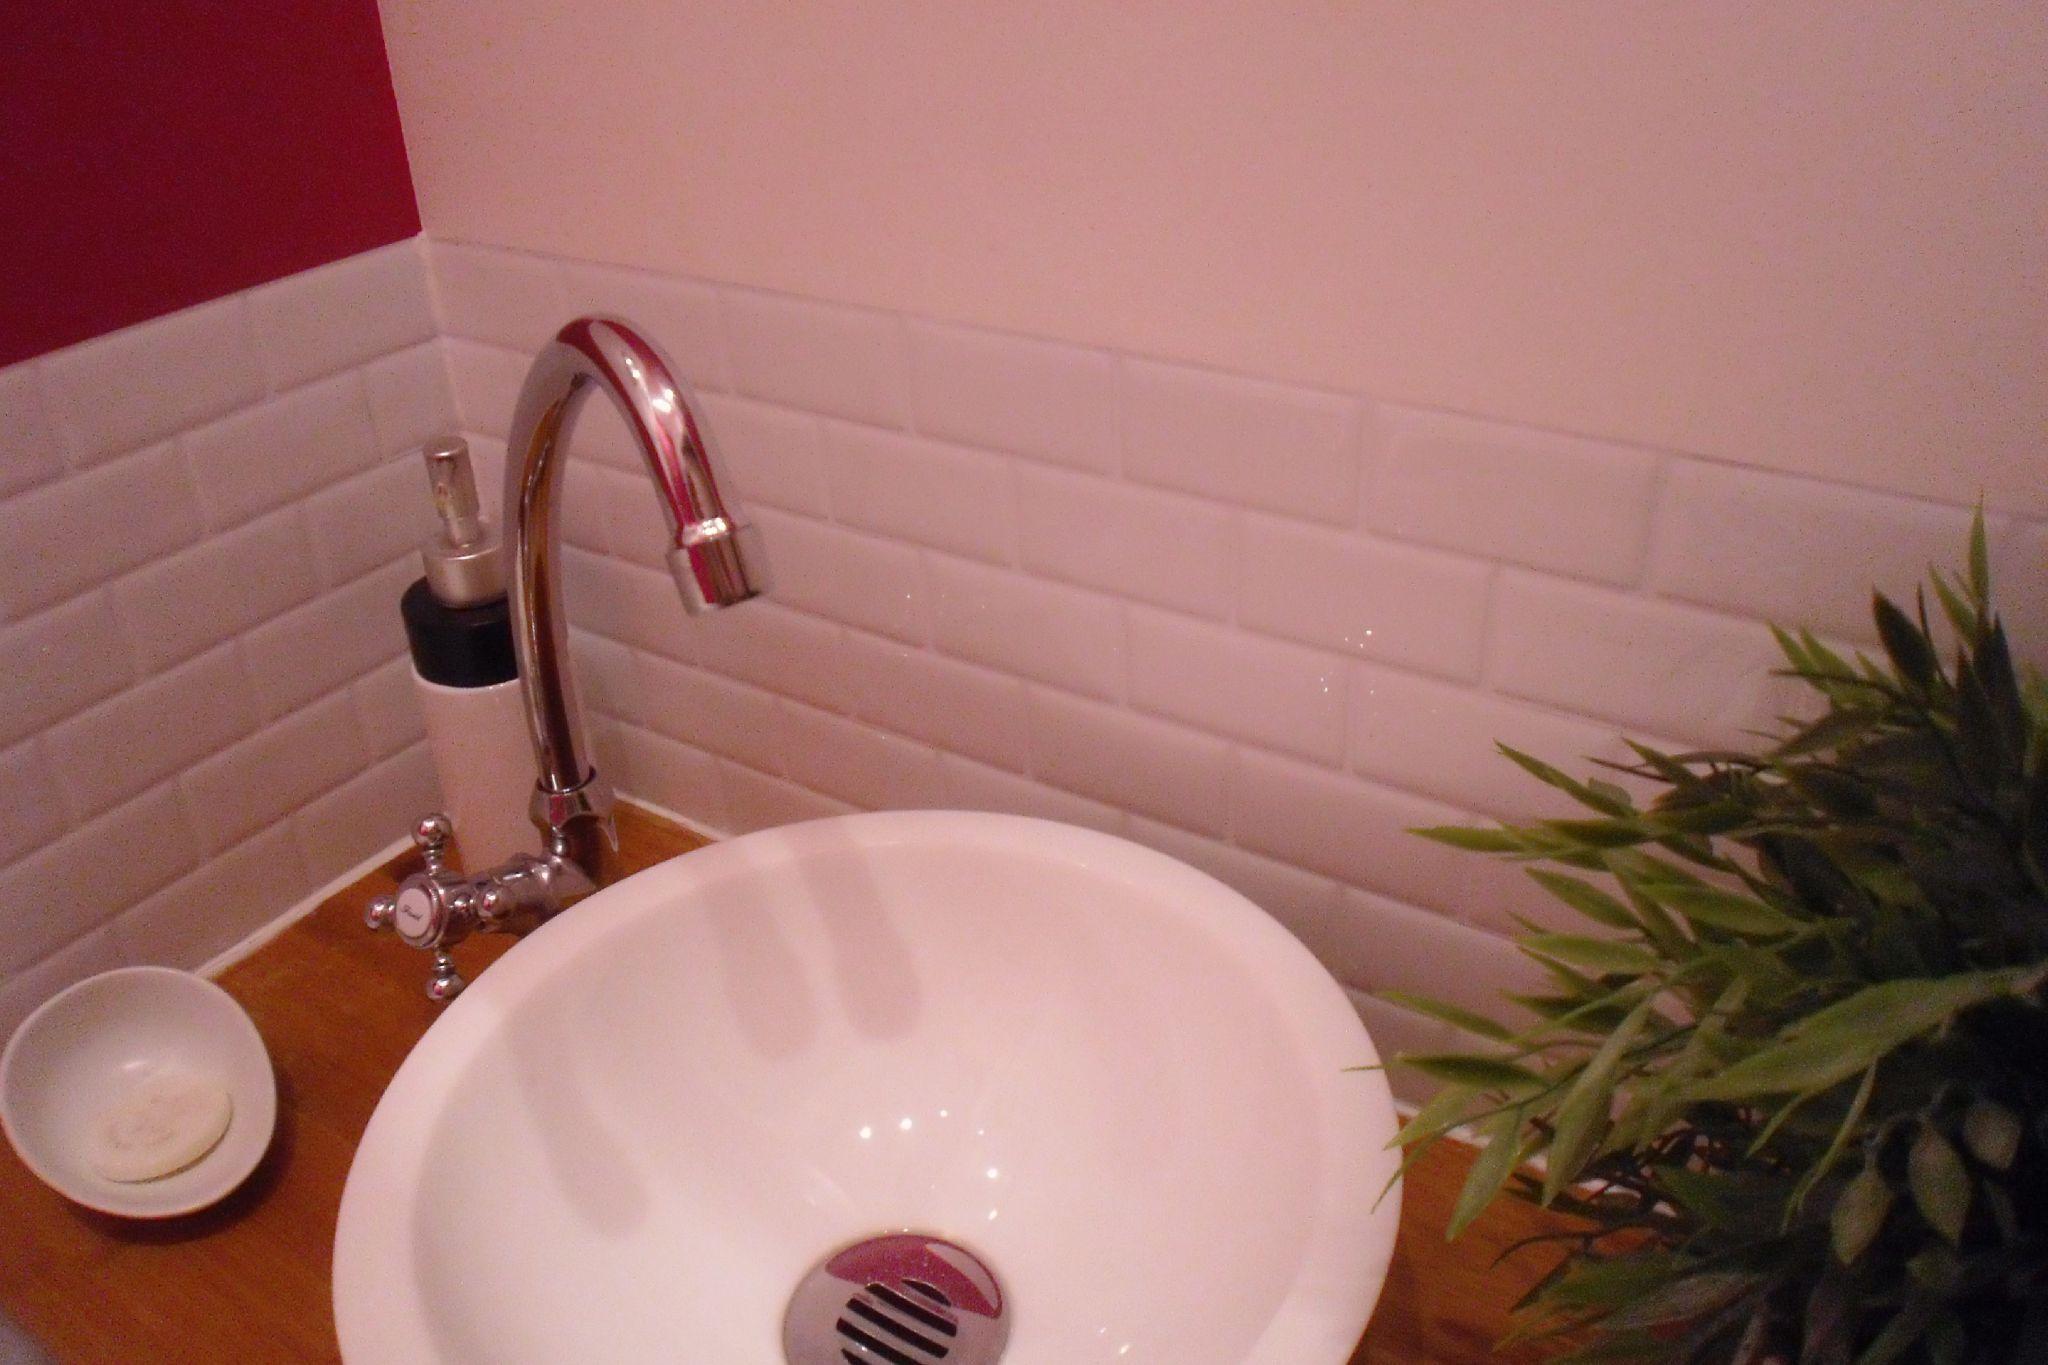 Carrelage Salle De Bain Auto Adhesif ~ j ai test les vrais faux carrelages adh sifs smart tiles mon